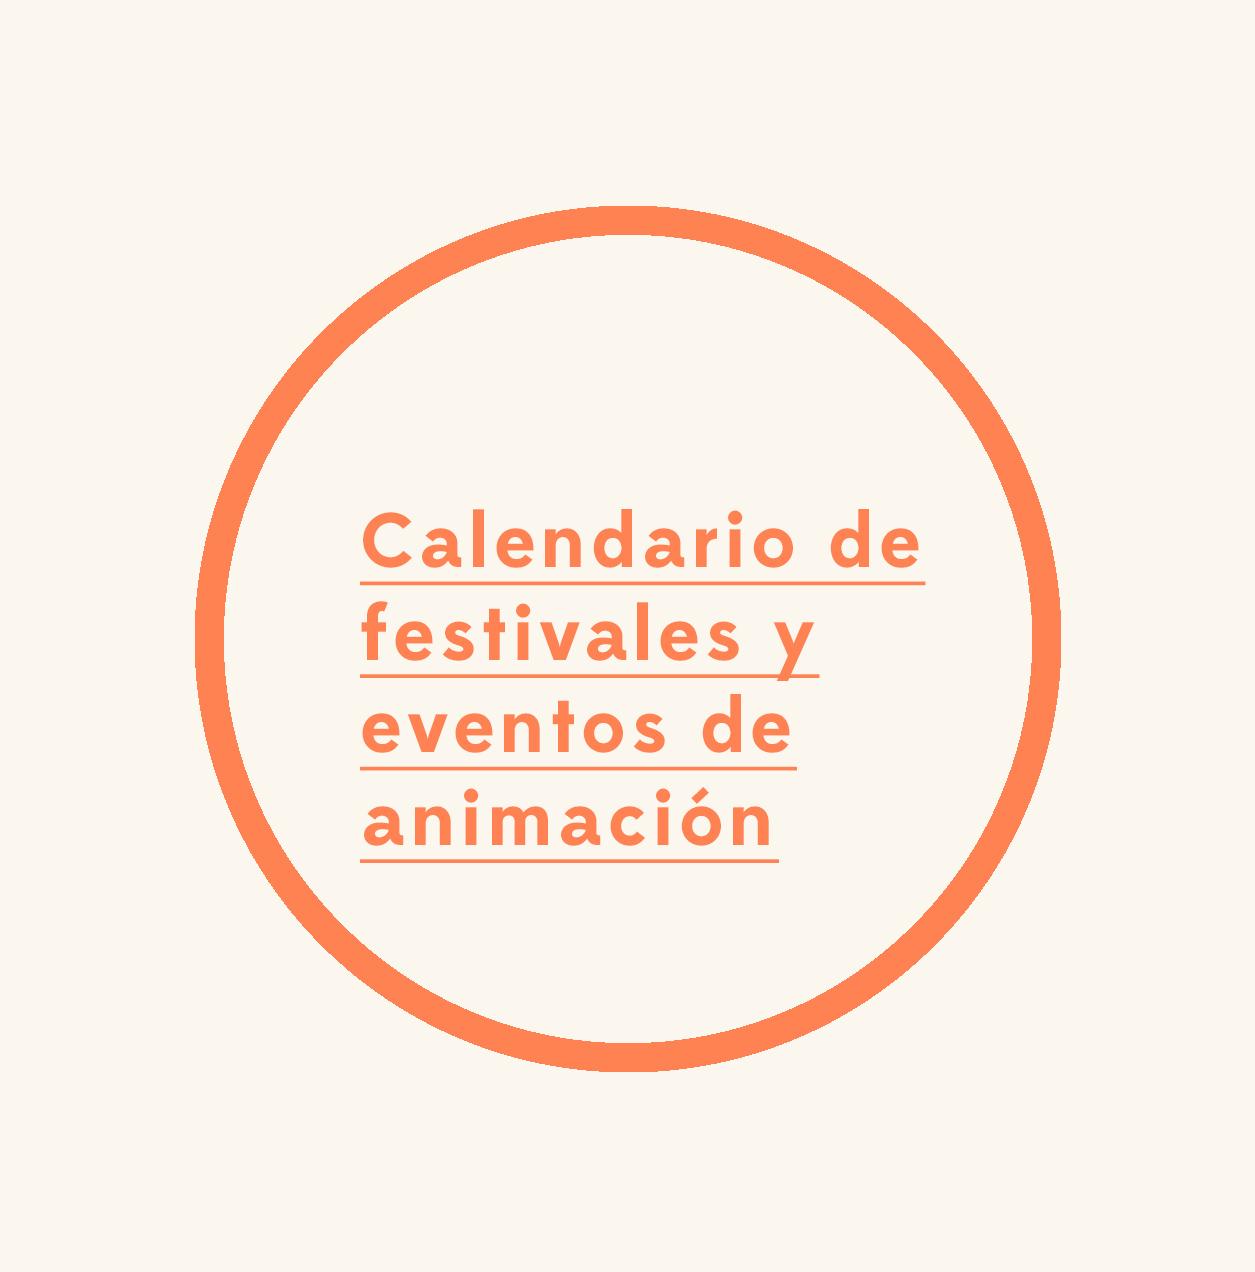 Calendario de festivales y eventos del sector de la animación